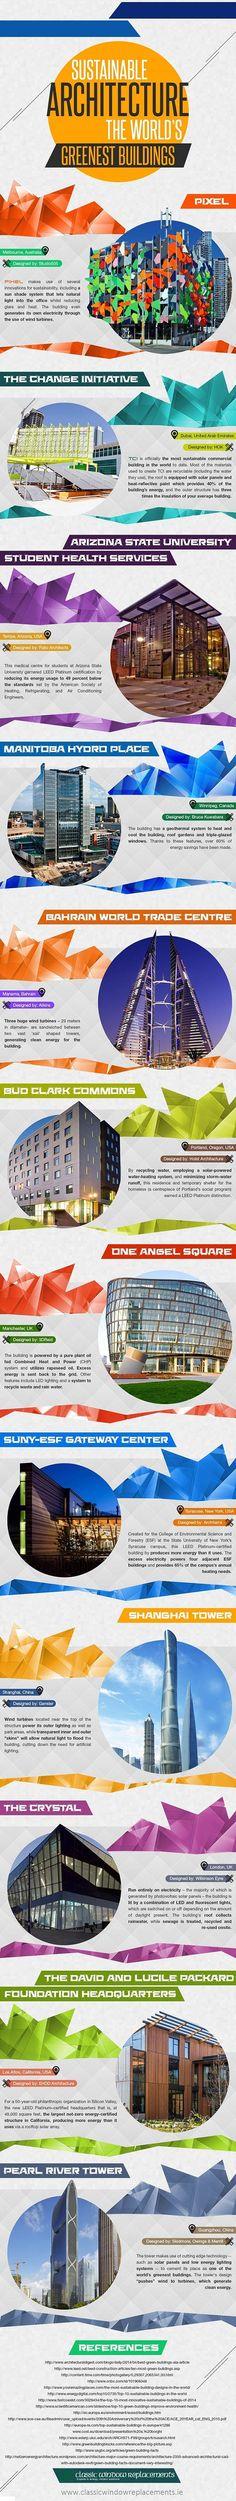 Een interessante infographic met een aantal van 's werelds meest milieuvriendelijke en duurzame gebouwen. Welke aansprekende ontwerpen in Nederland verdienen de titel van 'groenste' gebouw?